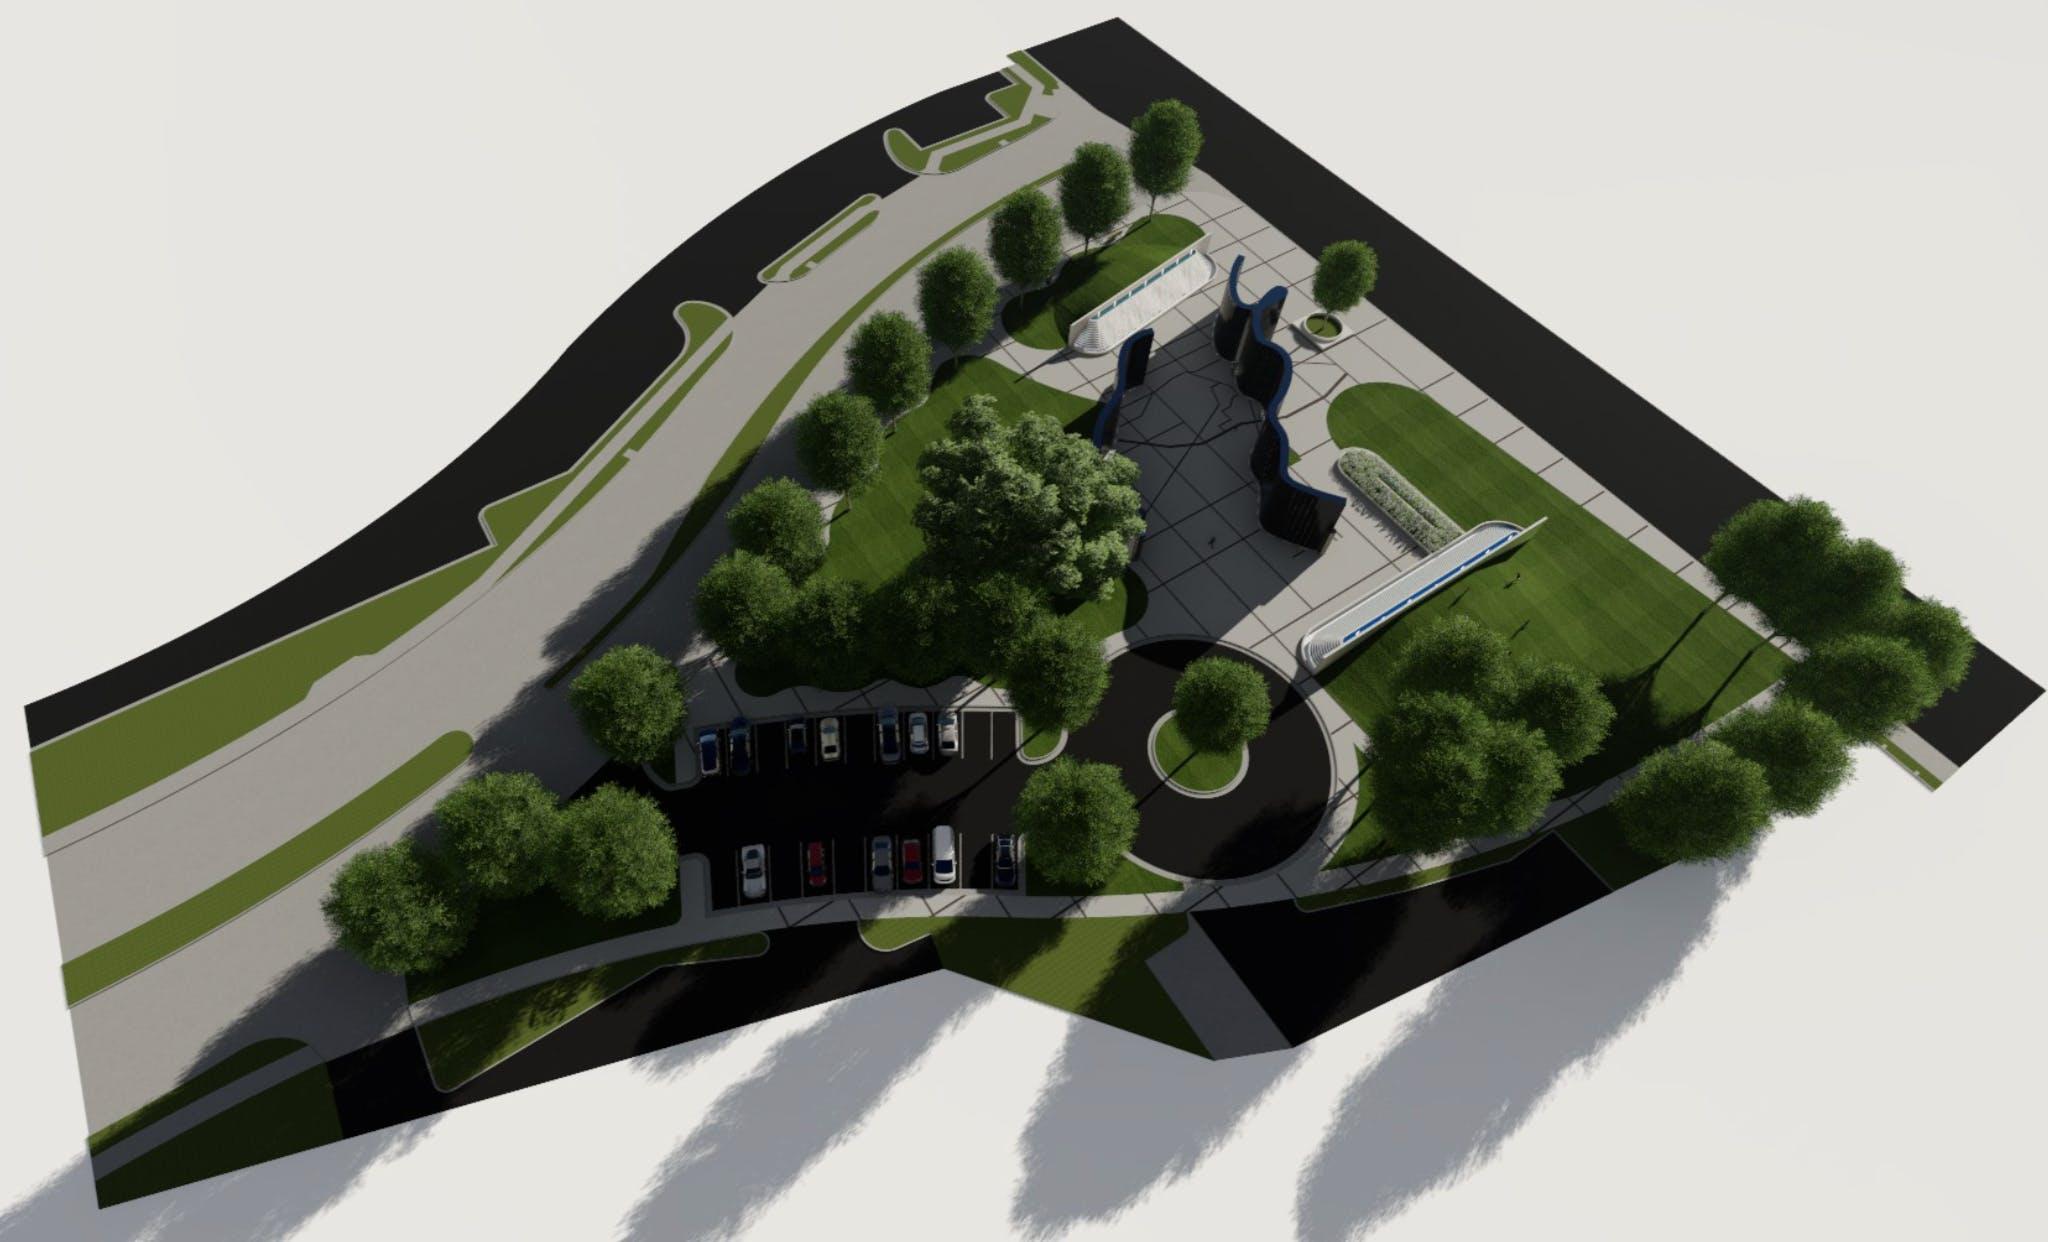 Tornado Memorial Image 1